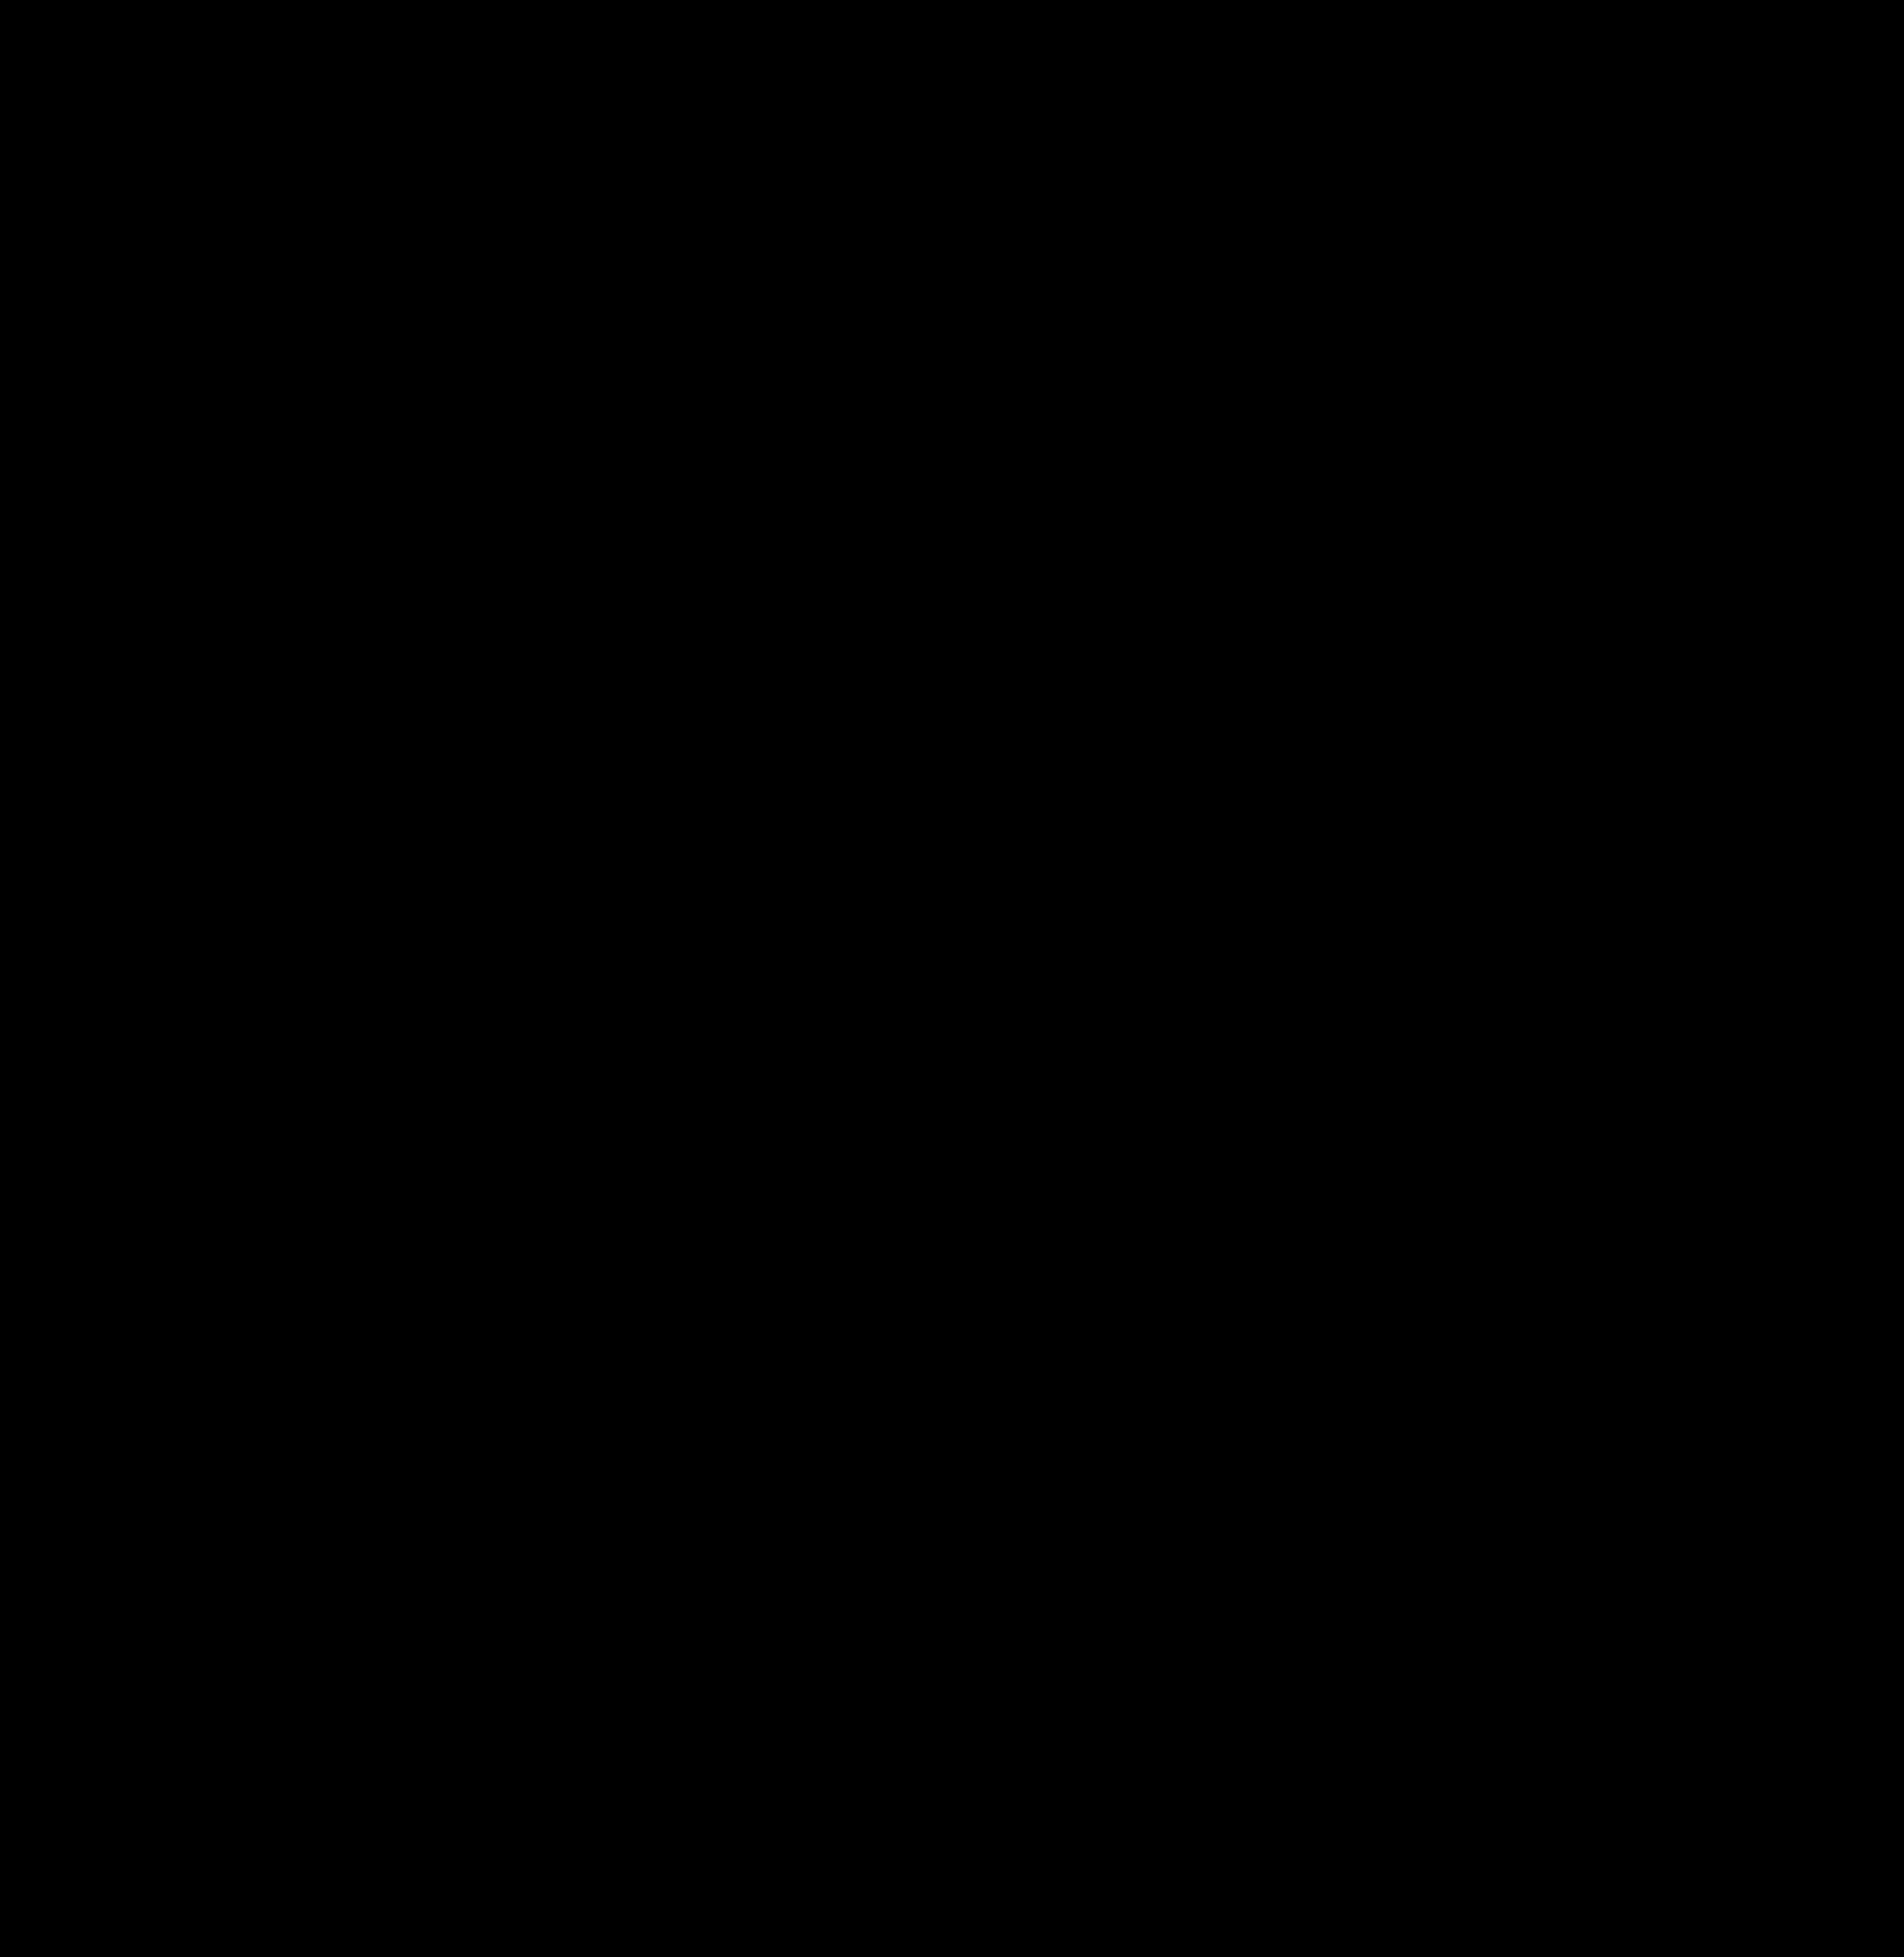 pot-plant-silhouette-3.png